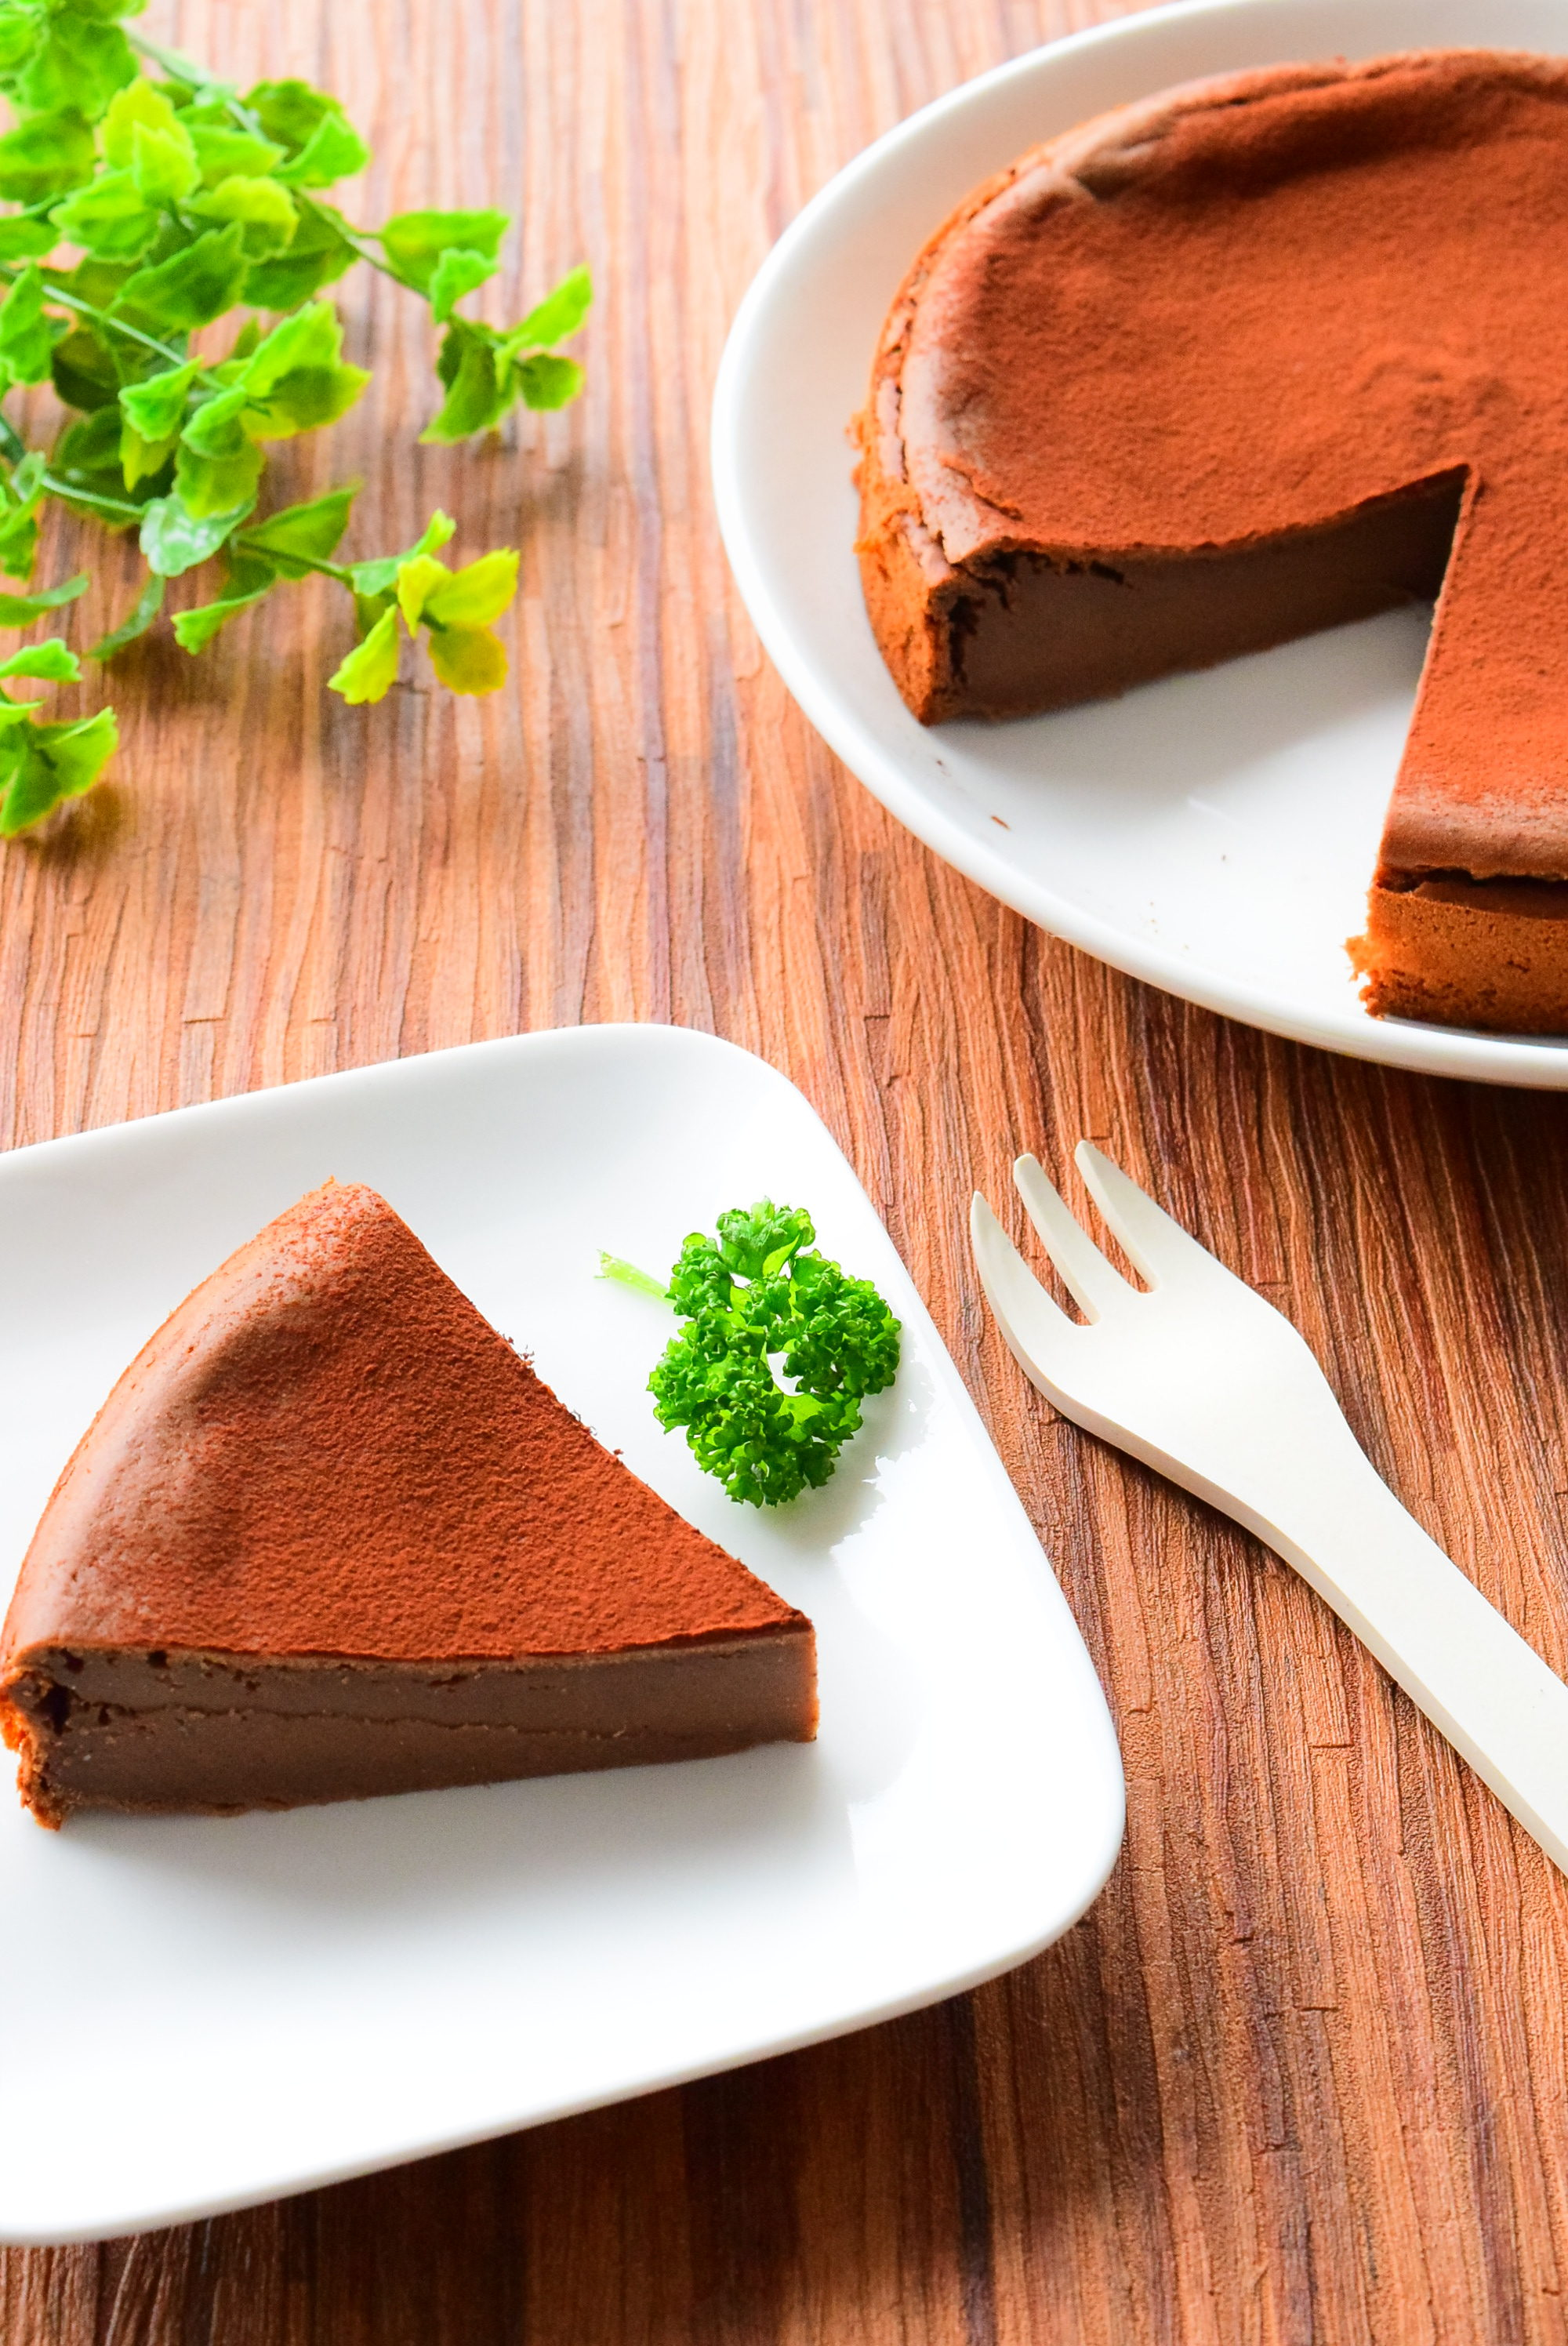 白砂糖を使わない!黒糖のガトーショコラ風さつまいもケーキのレシピ